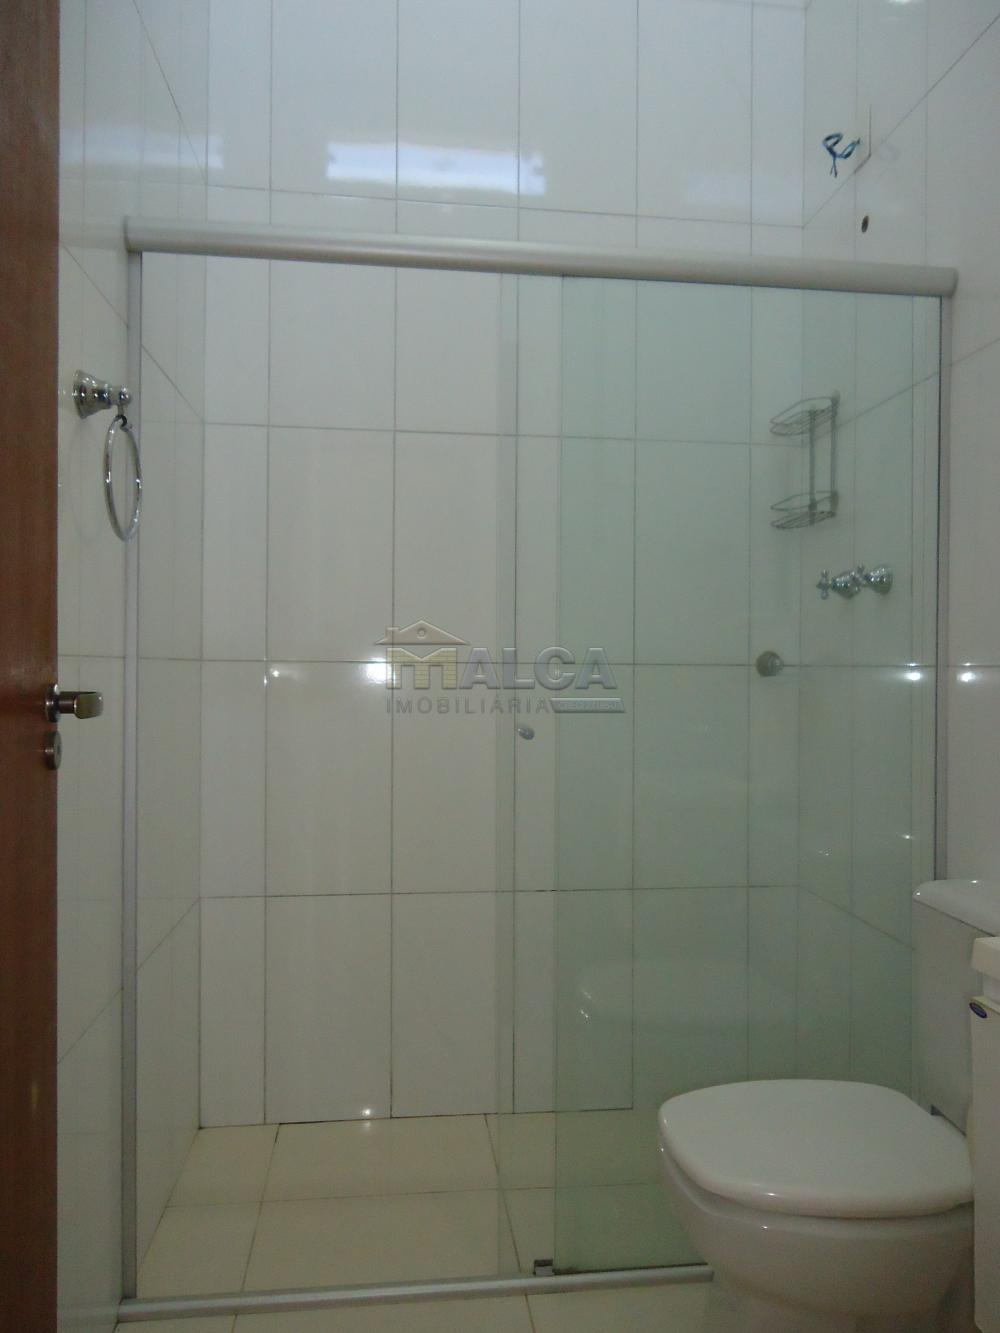 Alugar Apartamentos / Padrão em São José do Rio Pardo R$ 950,00 - Foto 25